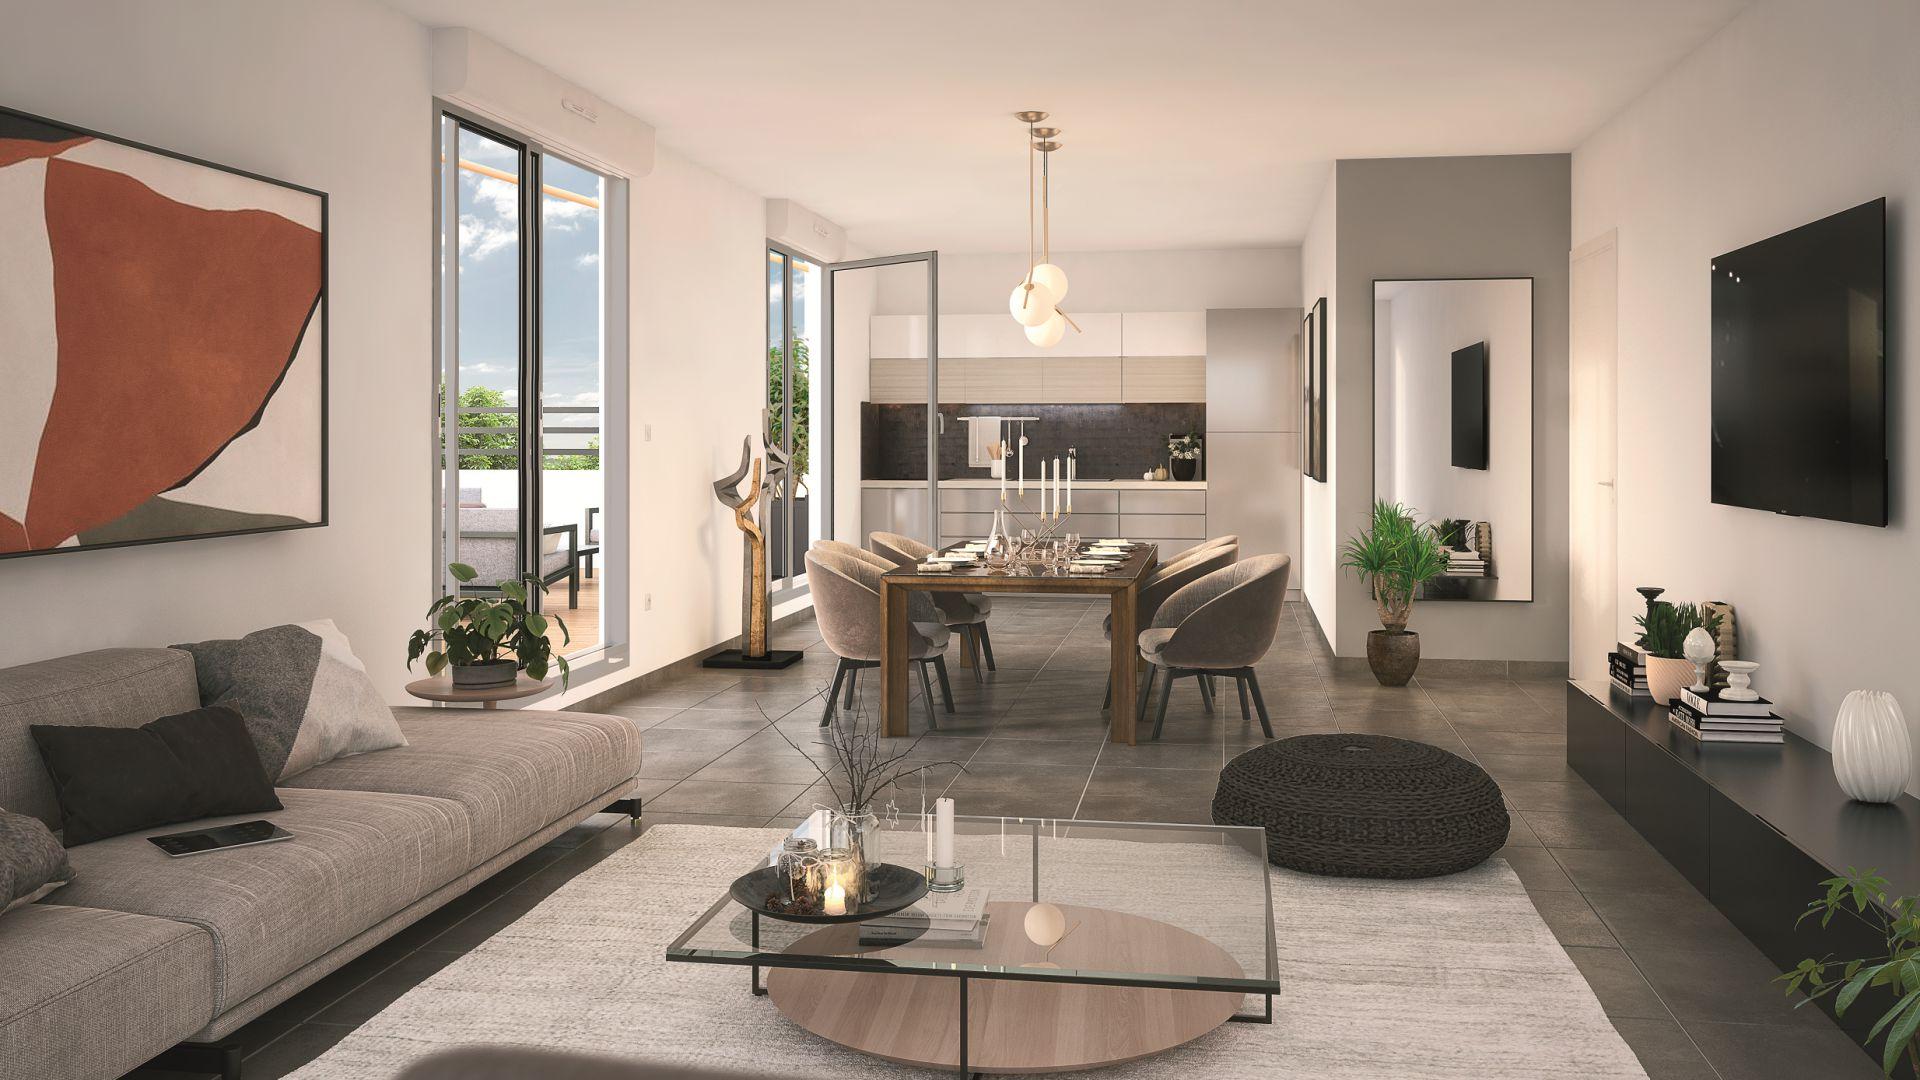 GreenCity immobilier - Sucy en Brie - 94370 - Résidence du Grand val - appartement neuf du T1 au T5 - vue intérieure